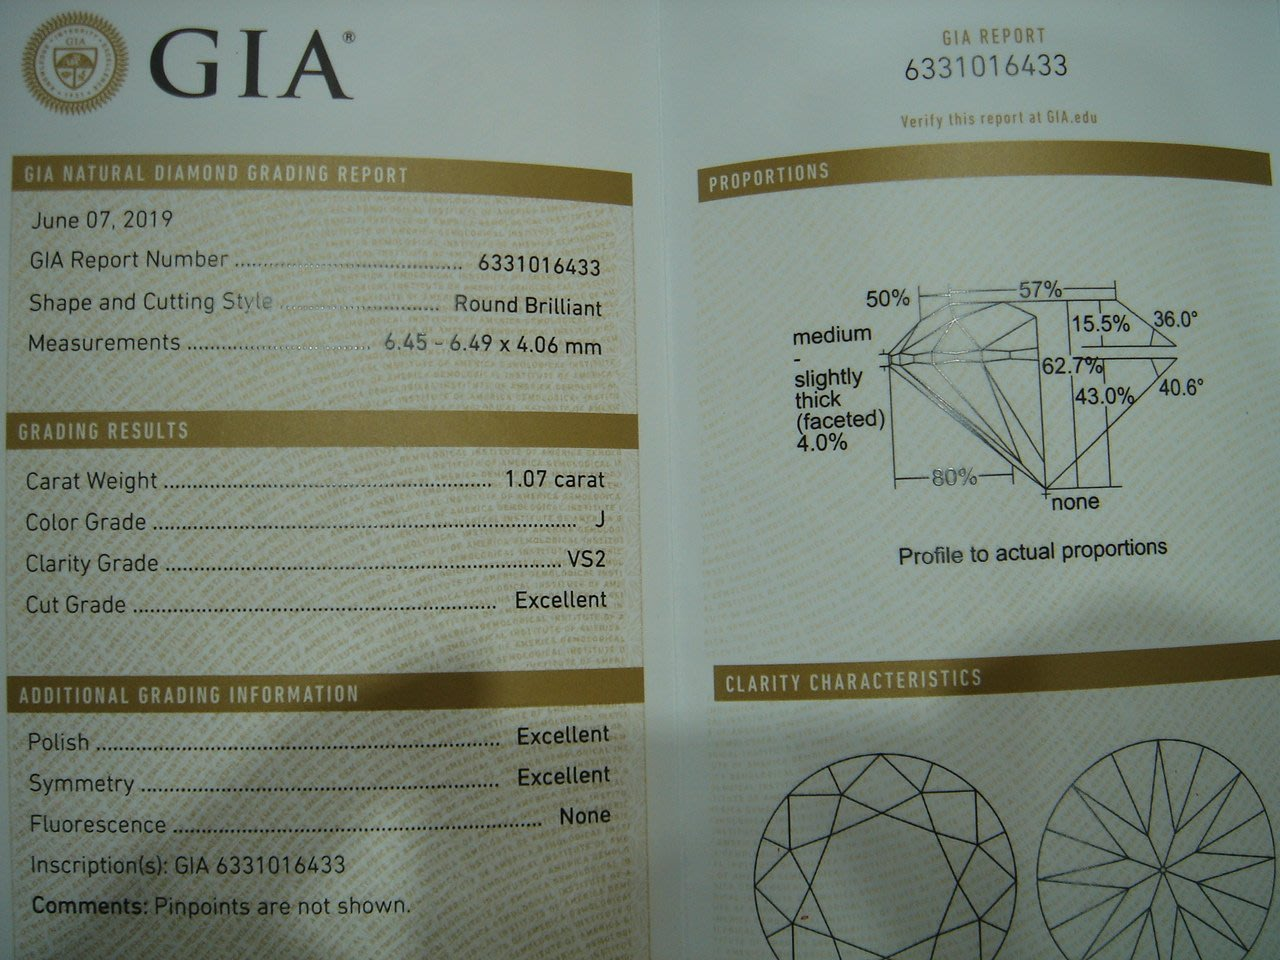 【婚戒 求婚鑽戒 】一克拉 J VS2 GIA鑽石價錢GIA鑽石價錢GIA鑽石價錢GIA鑽石價錢GIA鑽石價錢